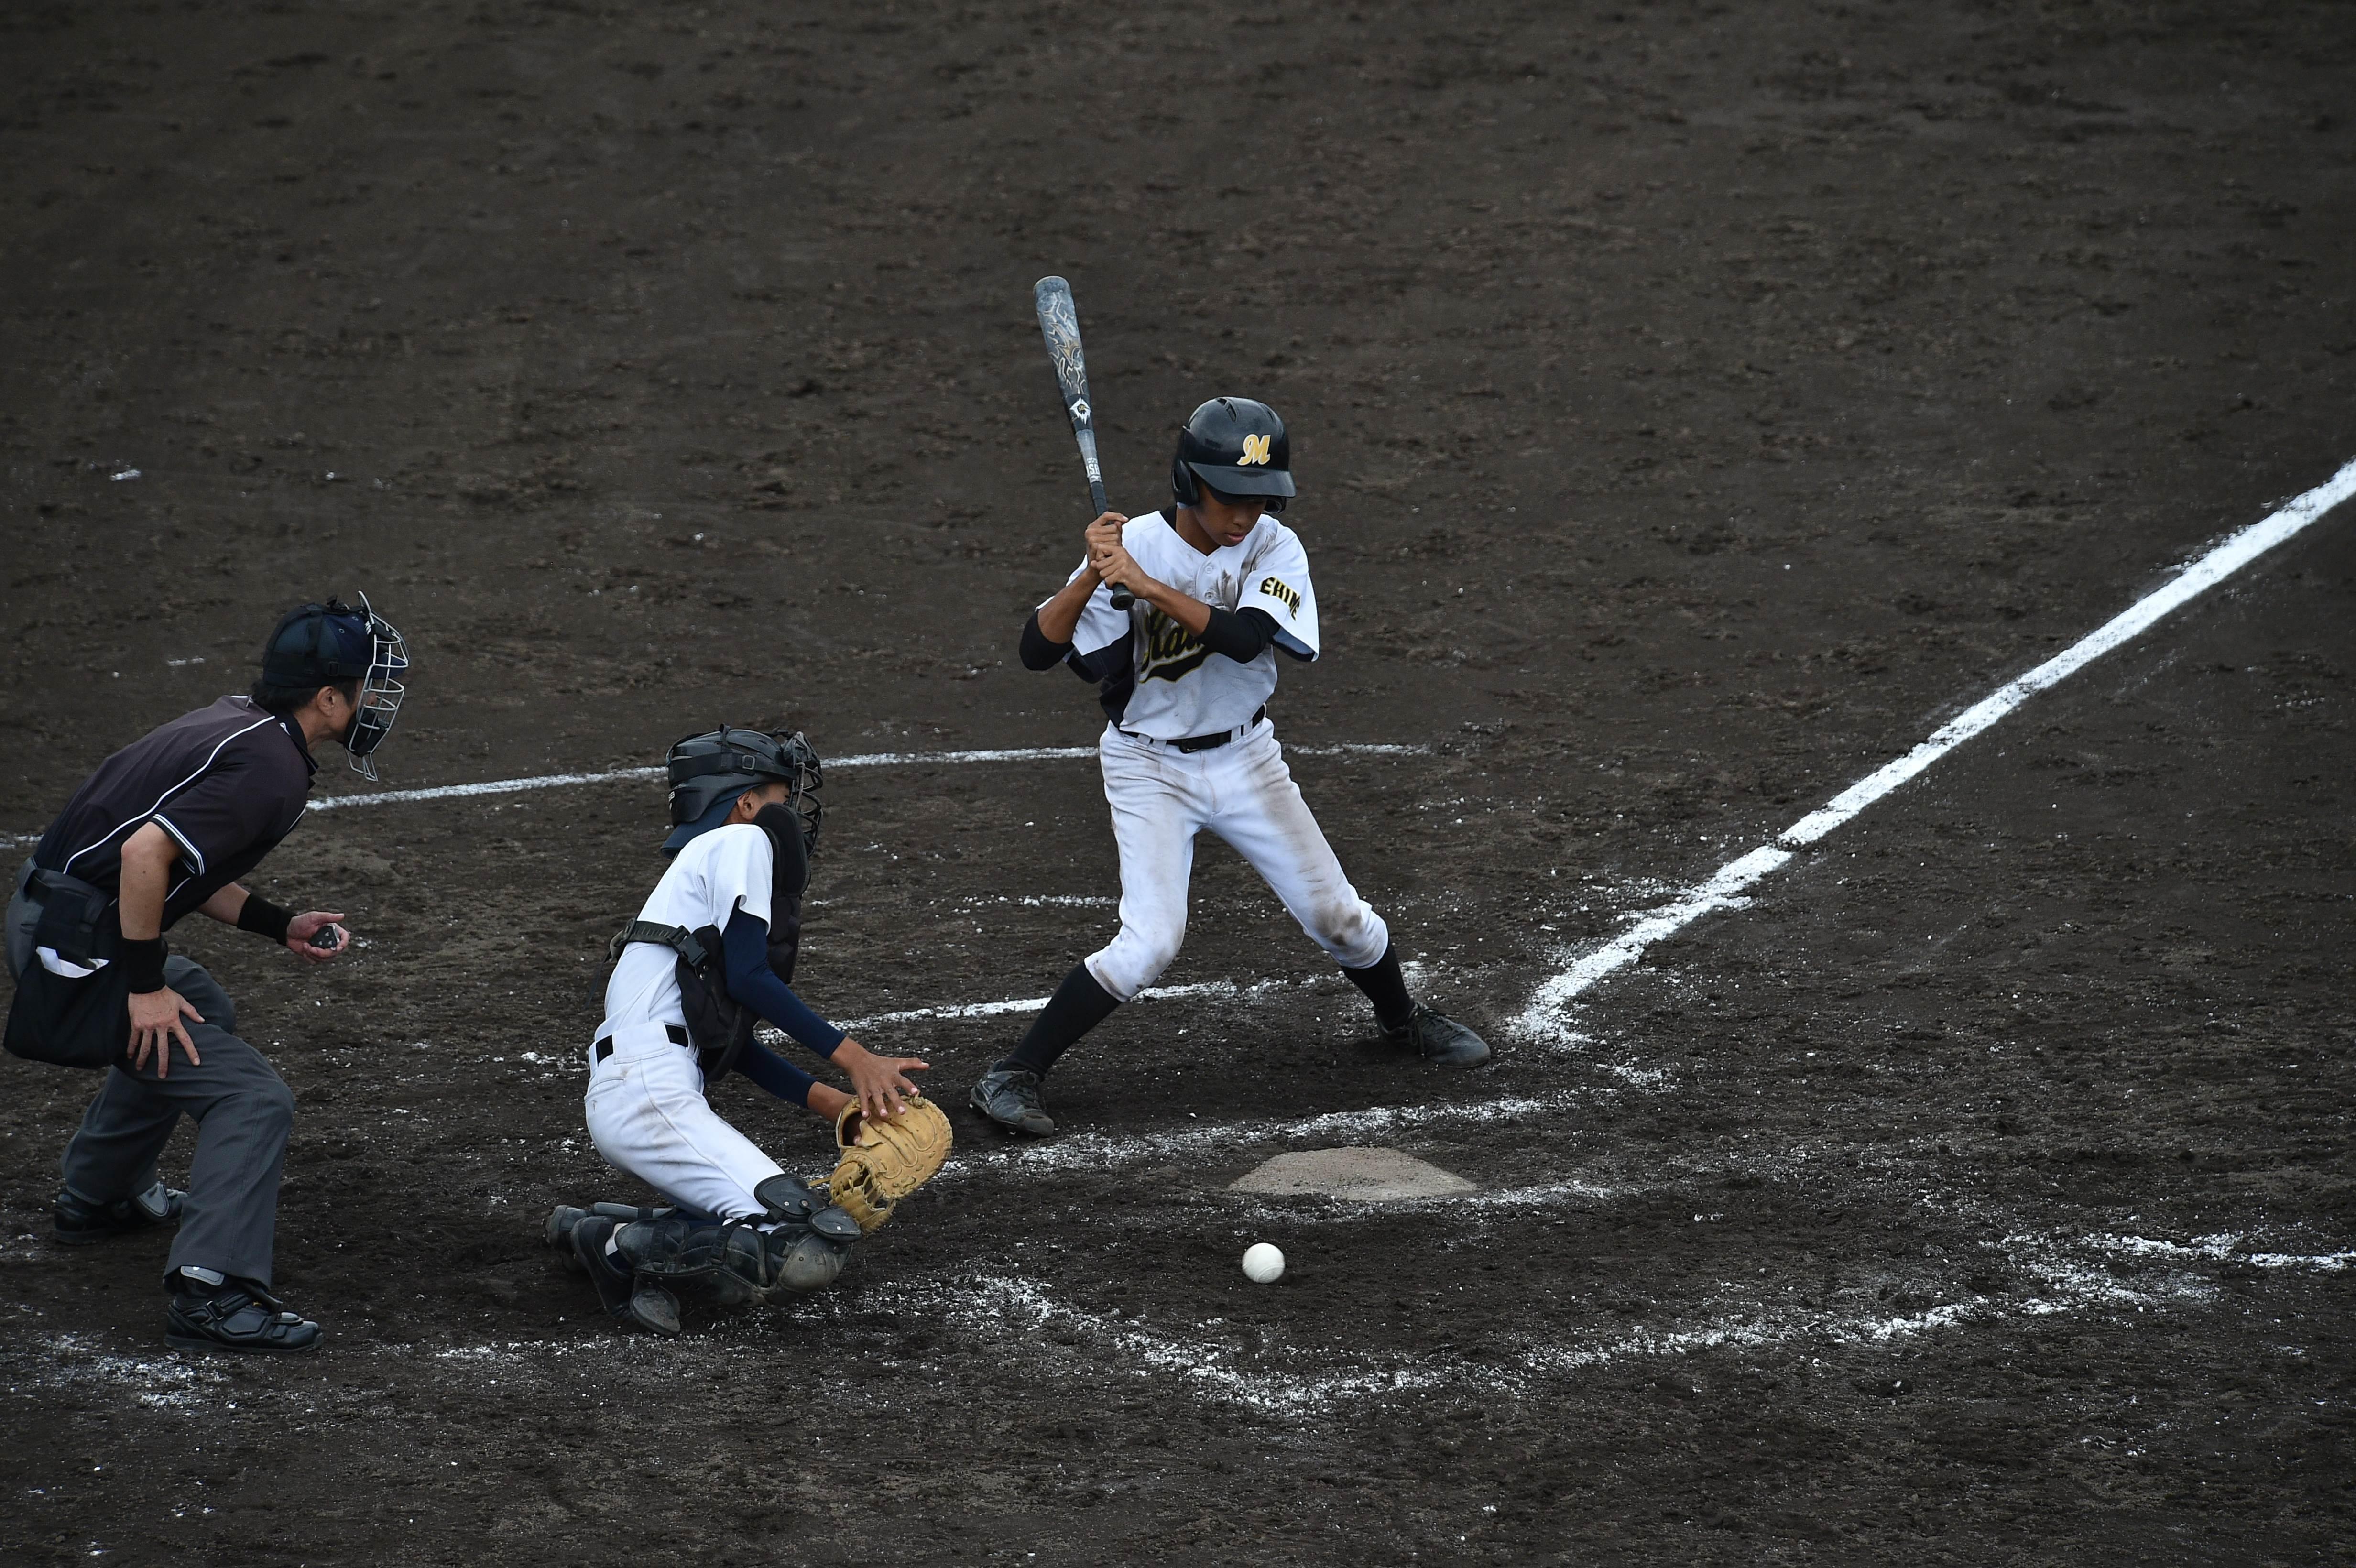 軟式野球 (368)